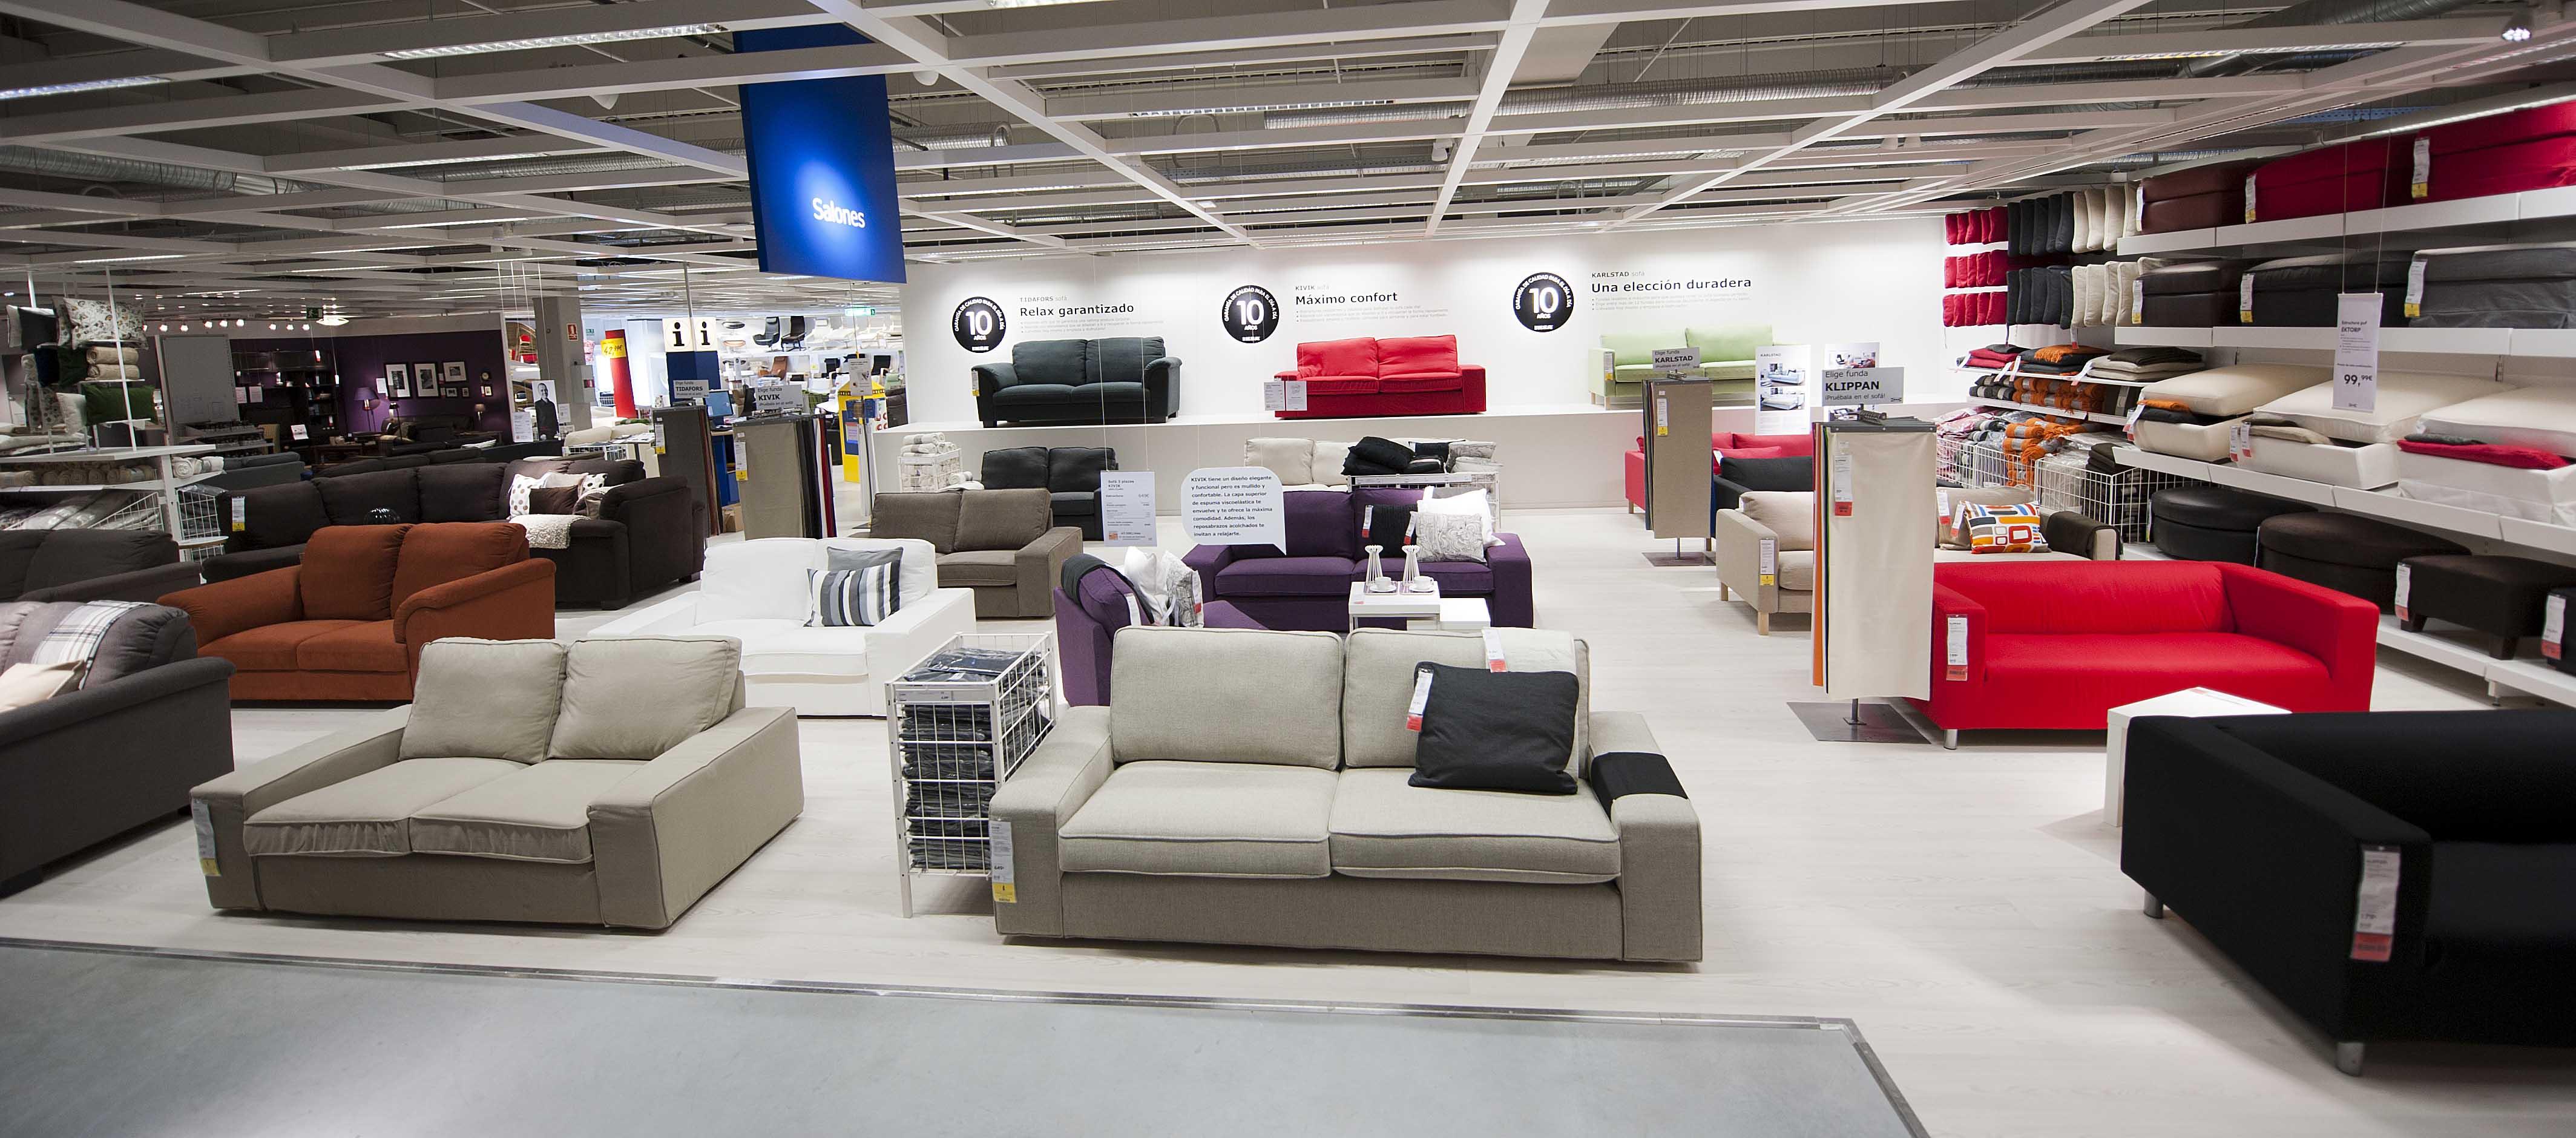 Ikea redecora su negocio se abre a la venta de segunda mano para competir con Wallapop